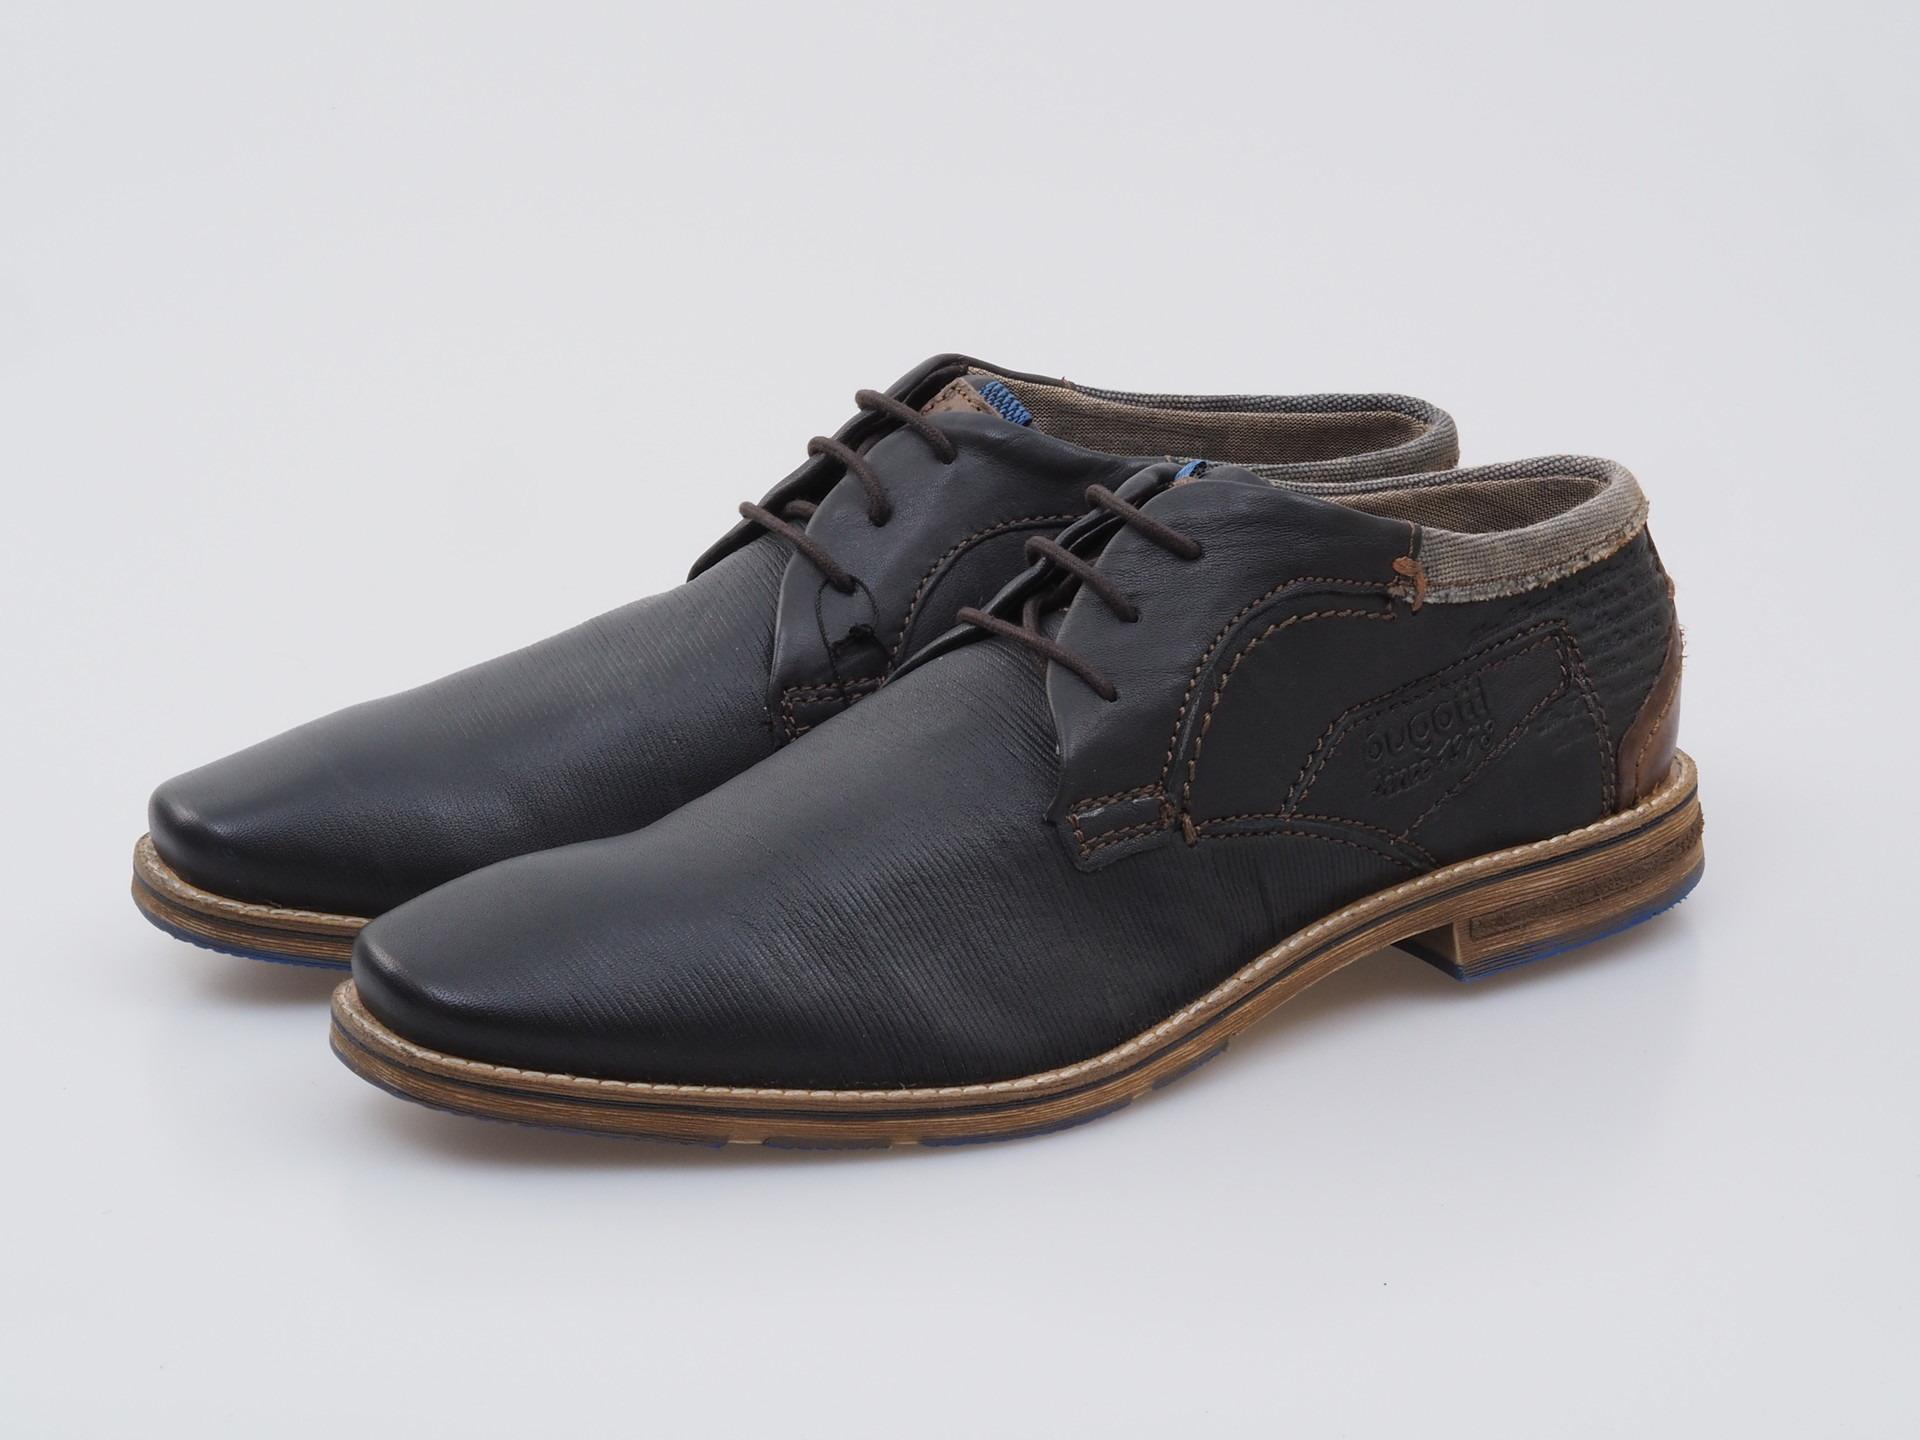 Soňa - Pánska obuv - Poltopánky - Bugatti pánska obuv d776ed41c2